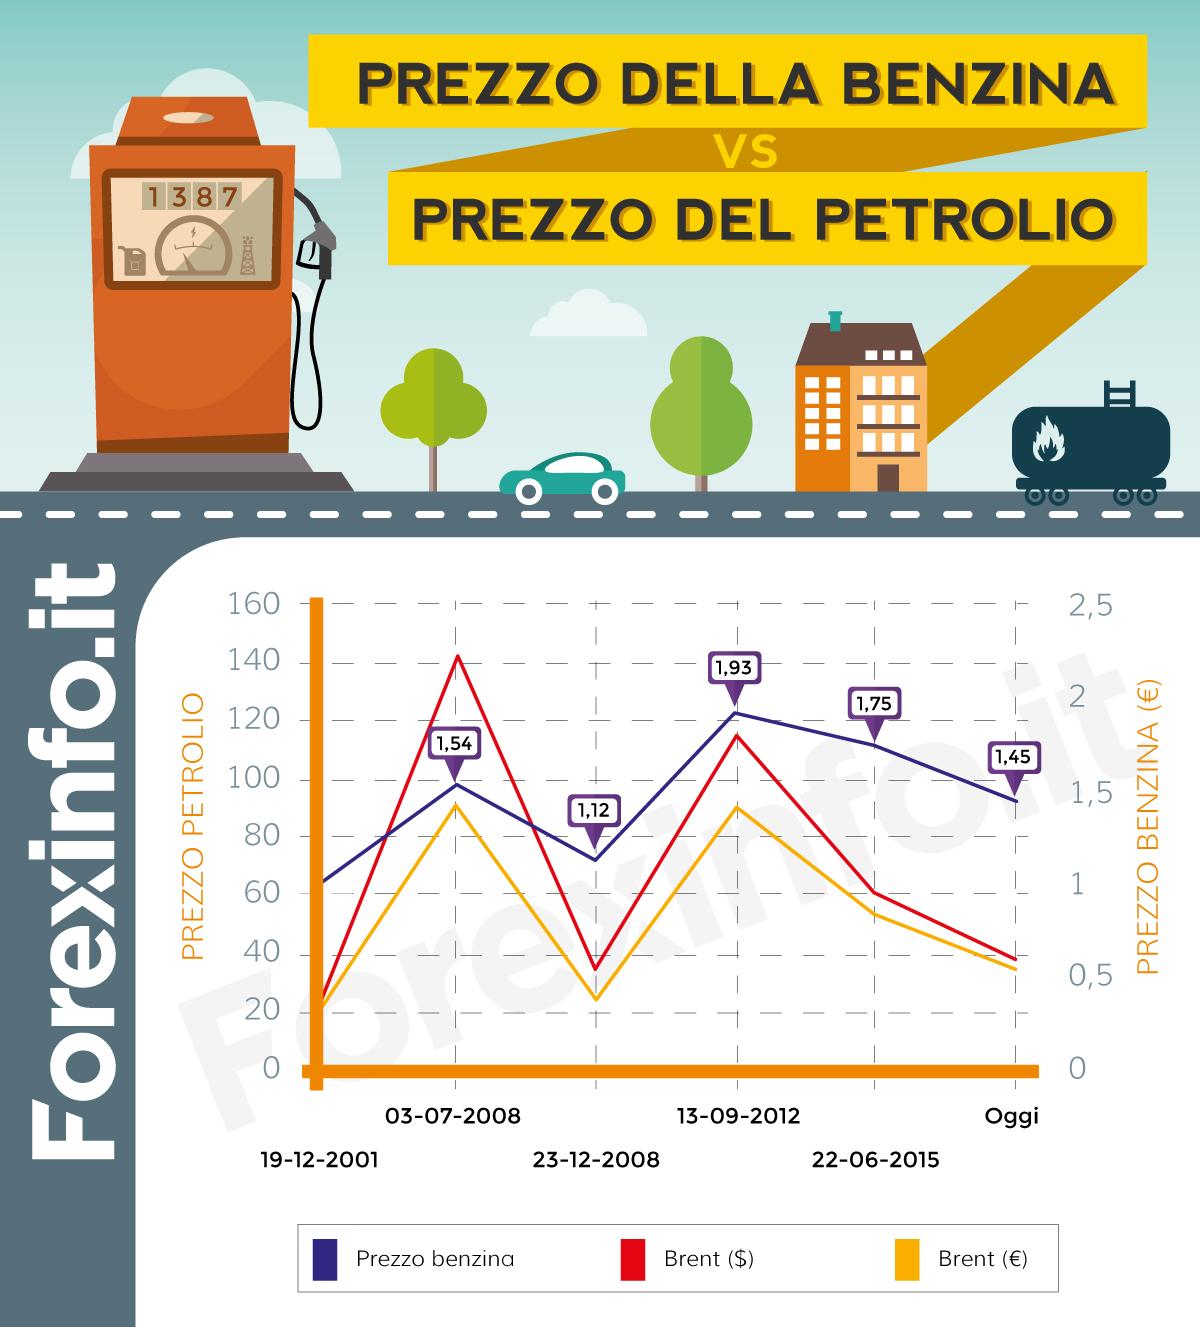 Italia: prezzo della benzina vs. prezzo del petrolio